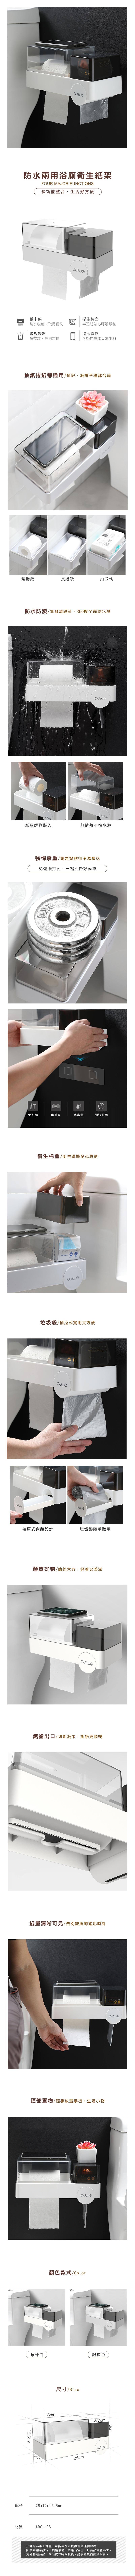 防水兩用浴廁衛生紙架